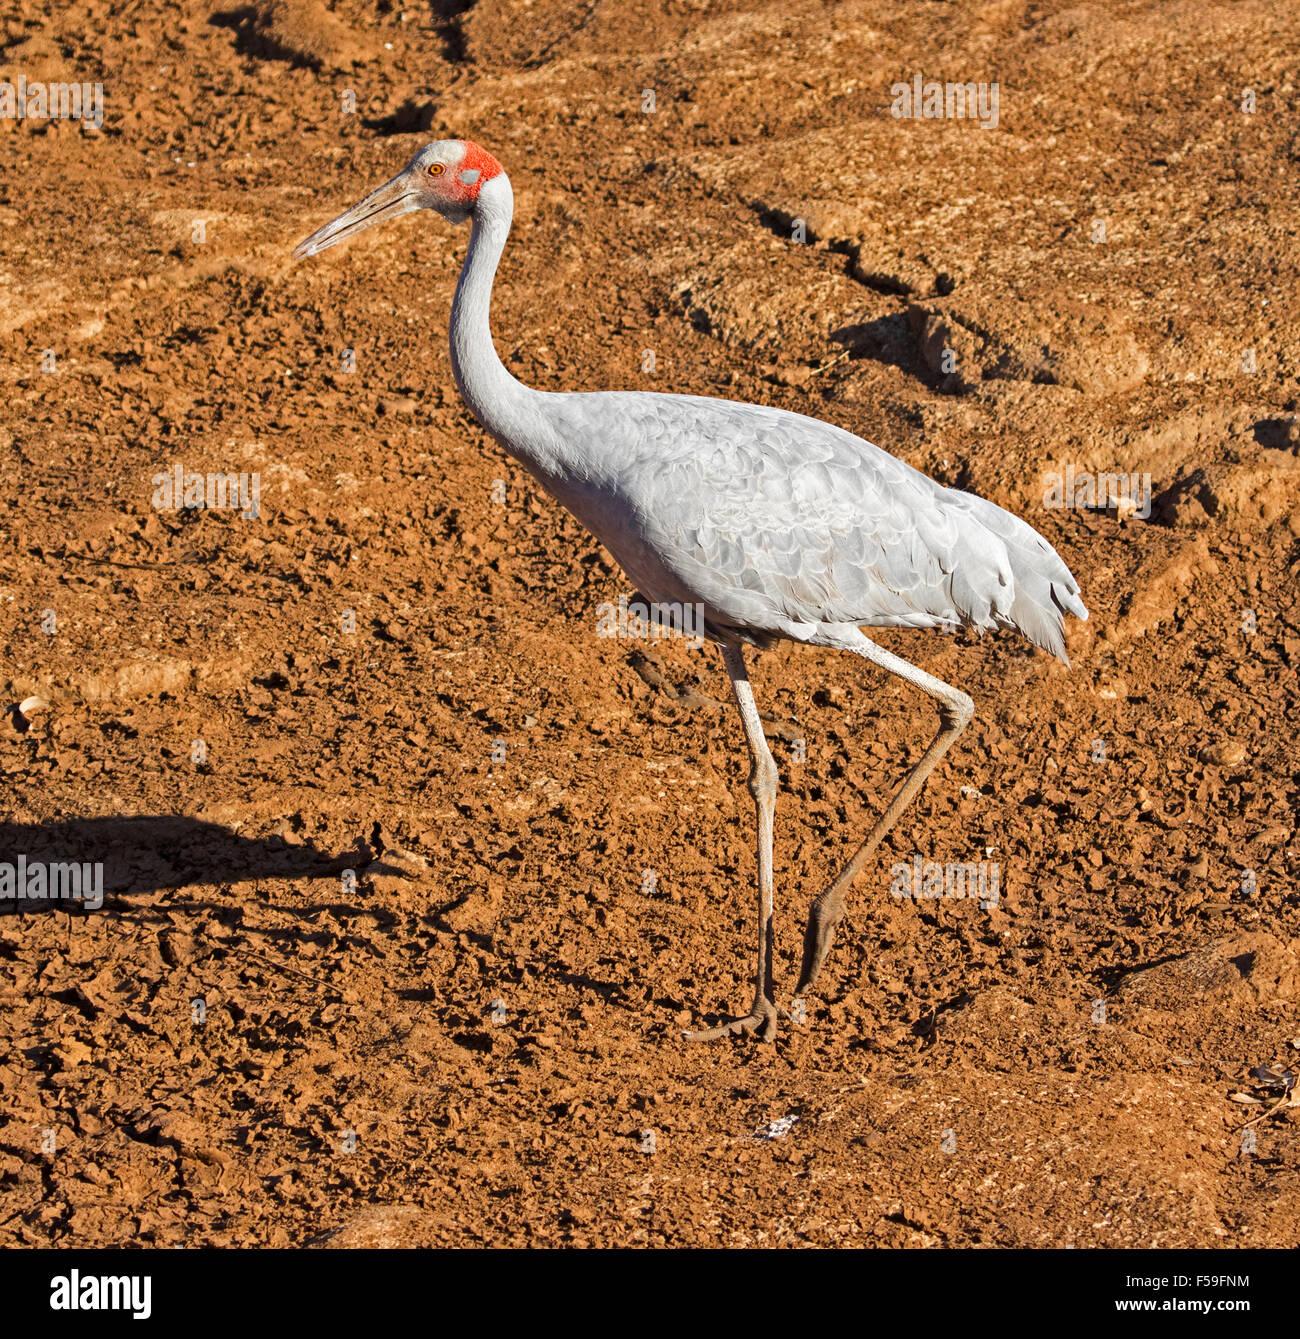 Grue Brolga, Australiens, Grus rubicunda, grand oiseau gris élégant marche sur sol rouge sec de lit de Photo Stock